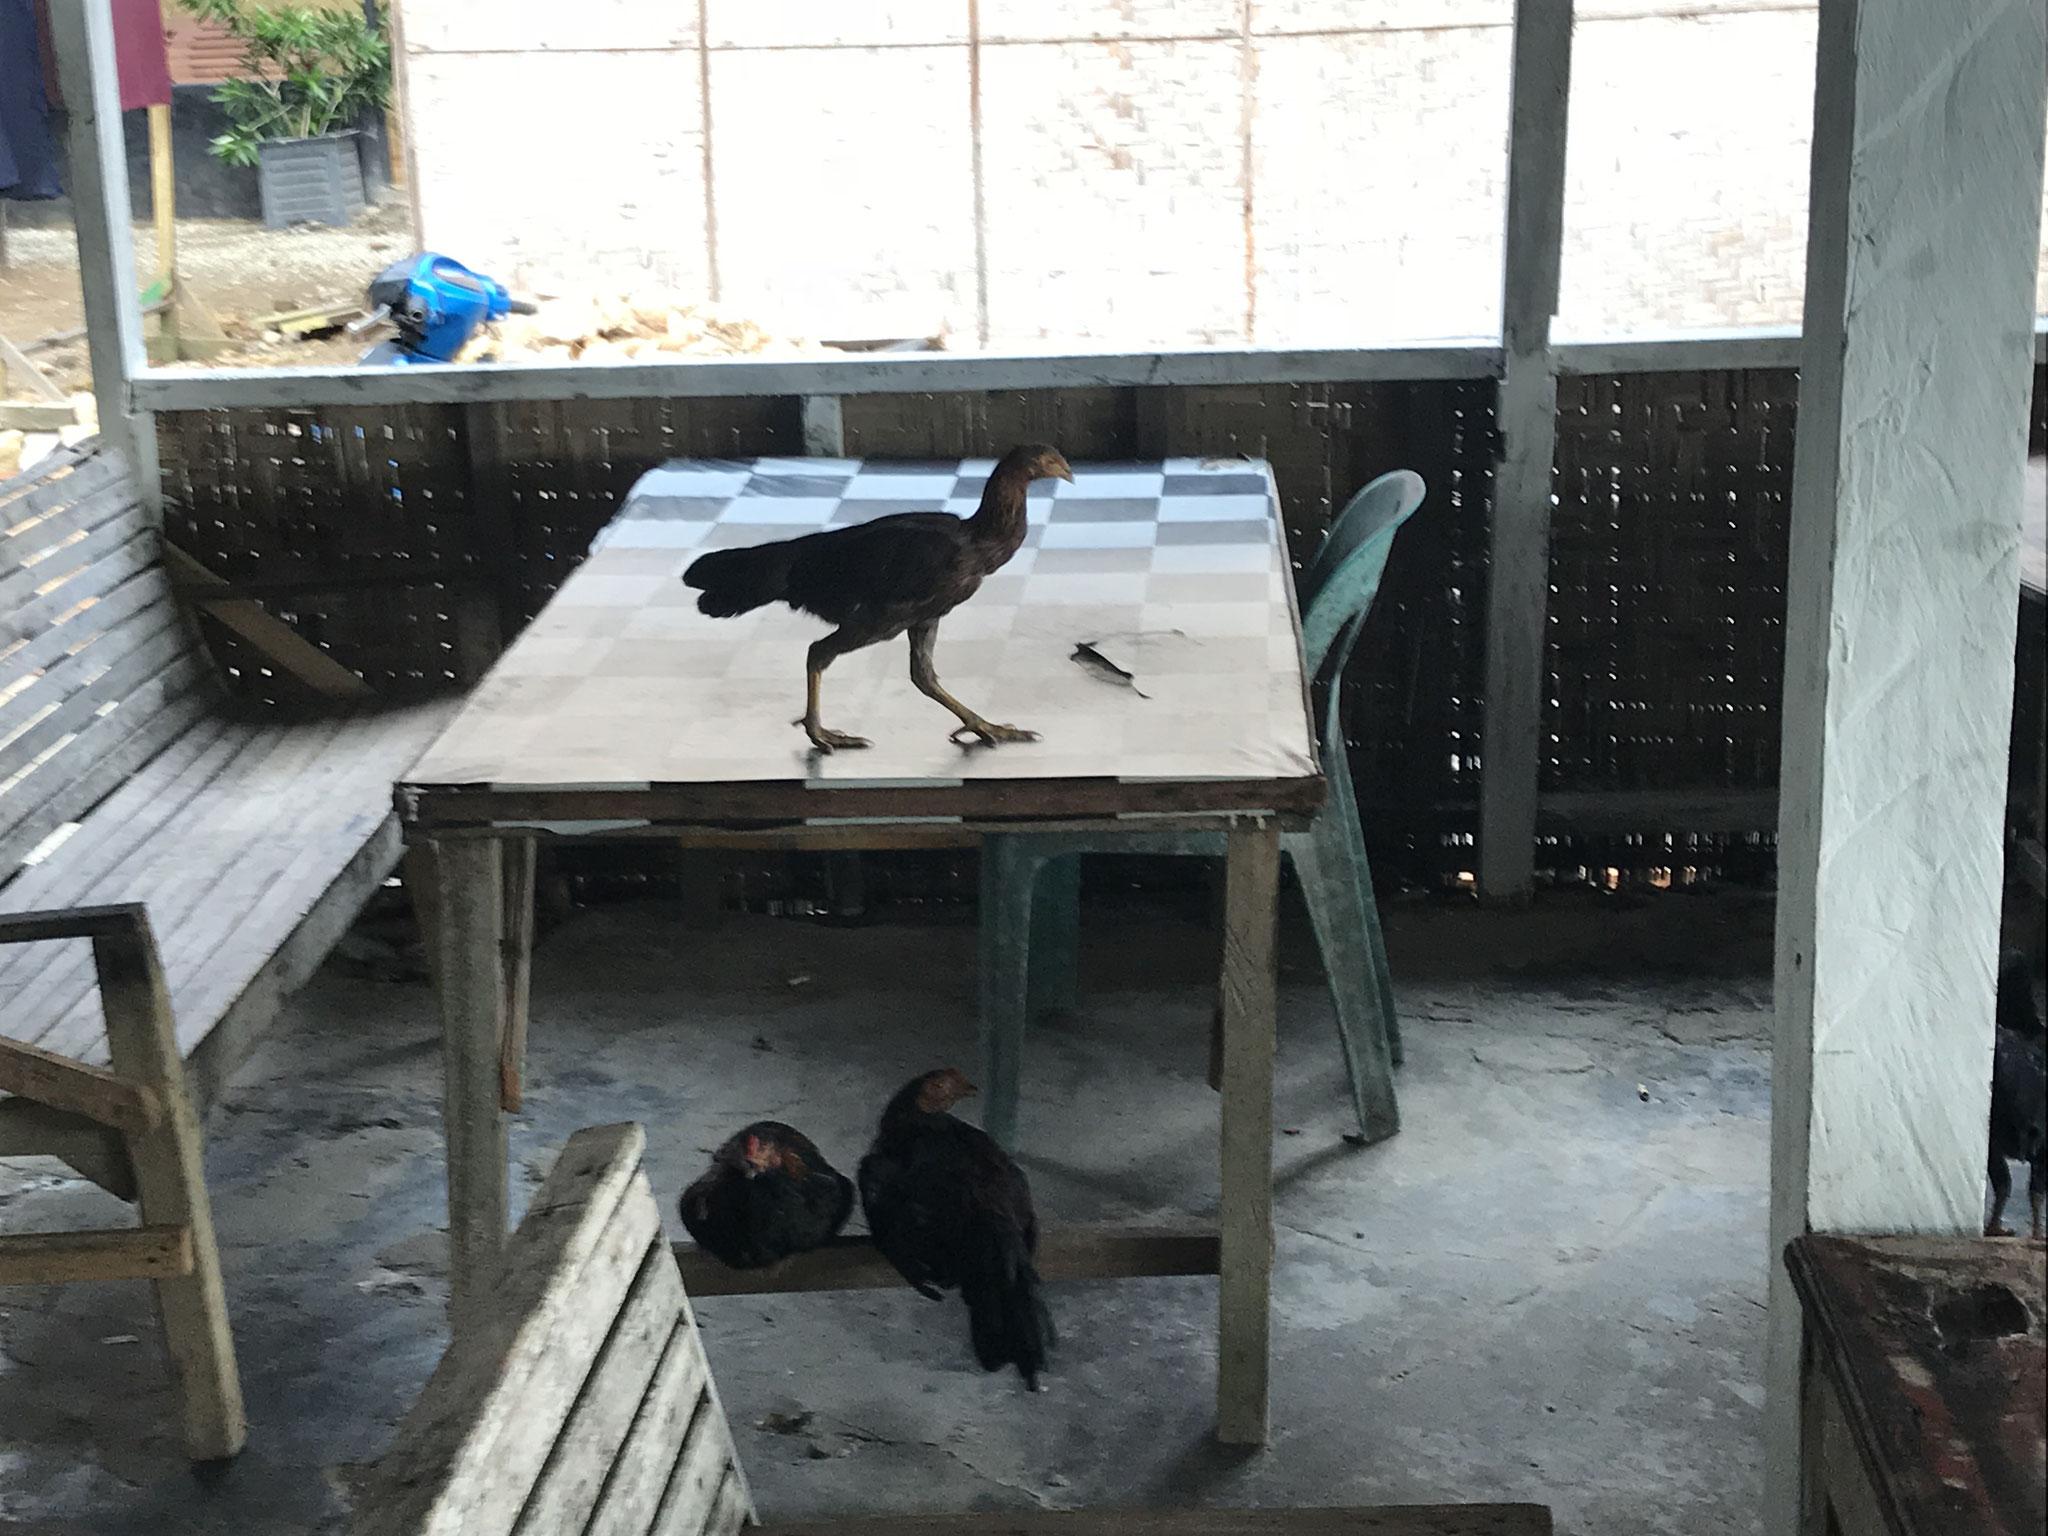 Die Tiere sind überall, vor allem wenn es etwas zu essen gibt.